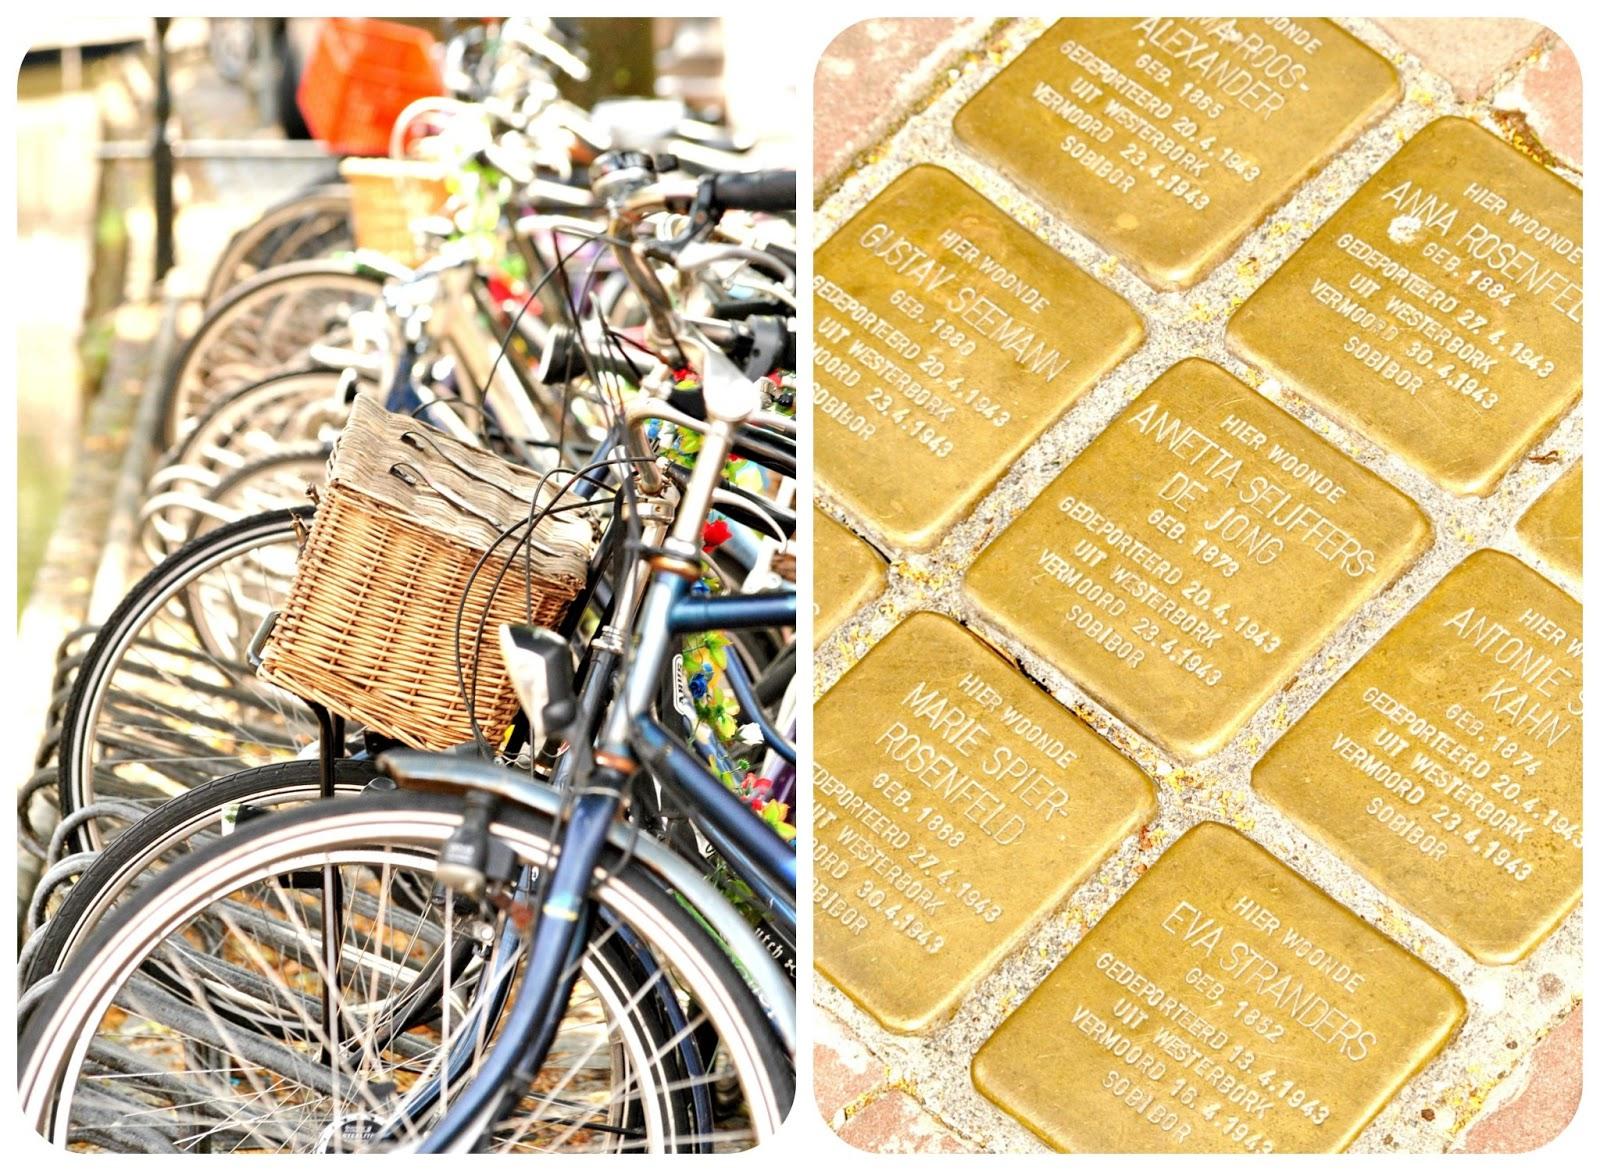 rowery gouda